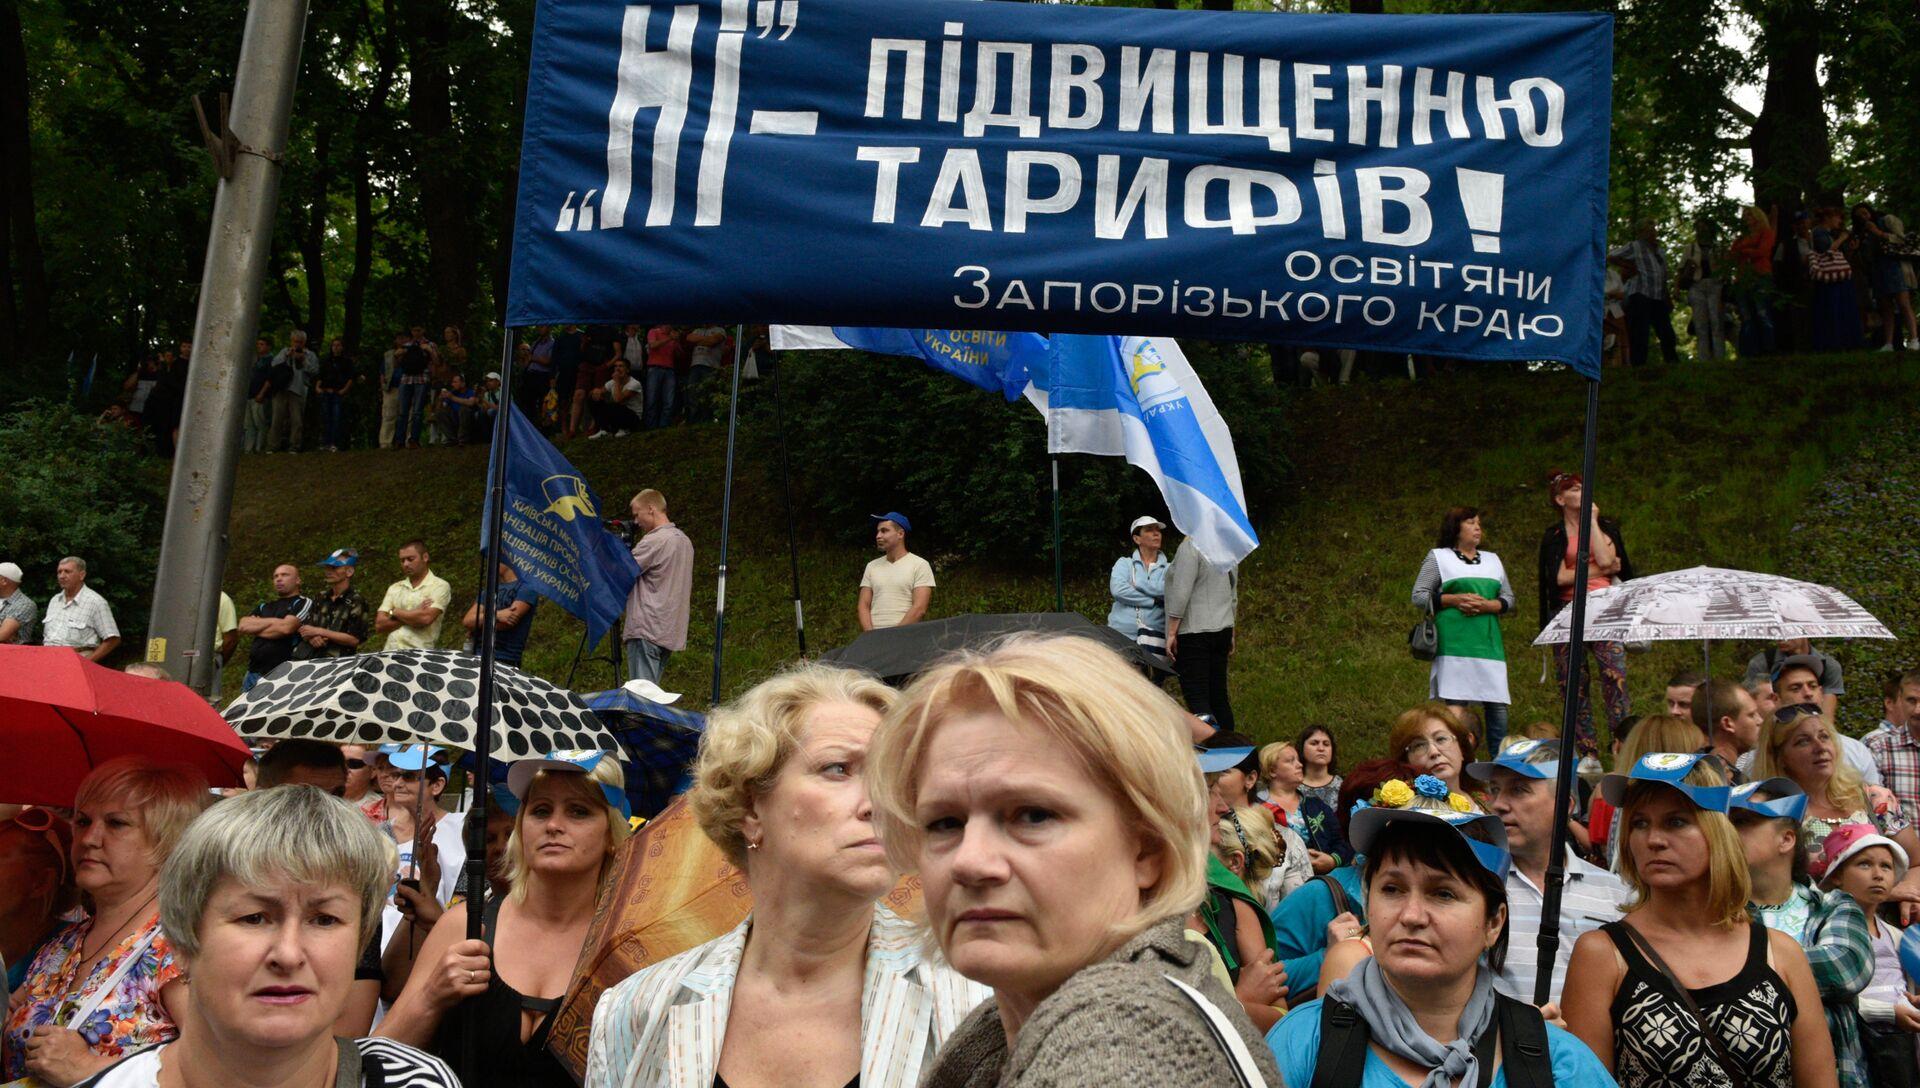 Участники всеукраинского марша протеста Европейским ценам - европейскую зарплату против повышения цен на газ и роста коммунальных тарифов - РИА Новости, 1920, 18.10.2016